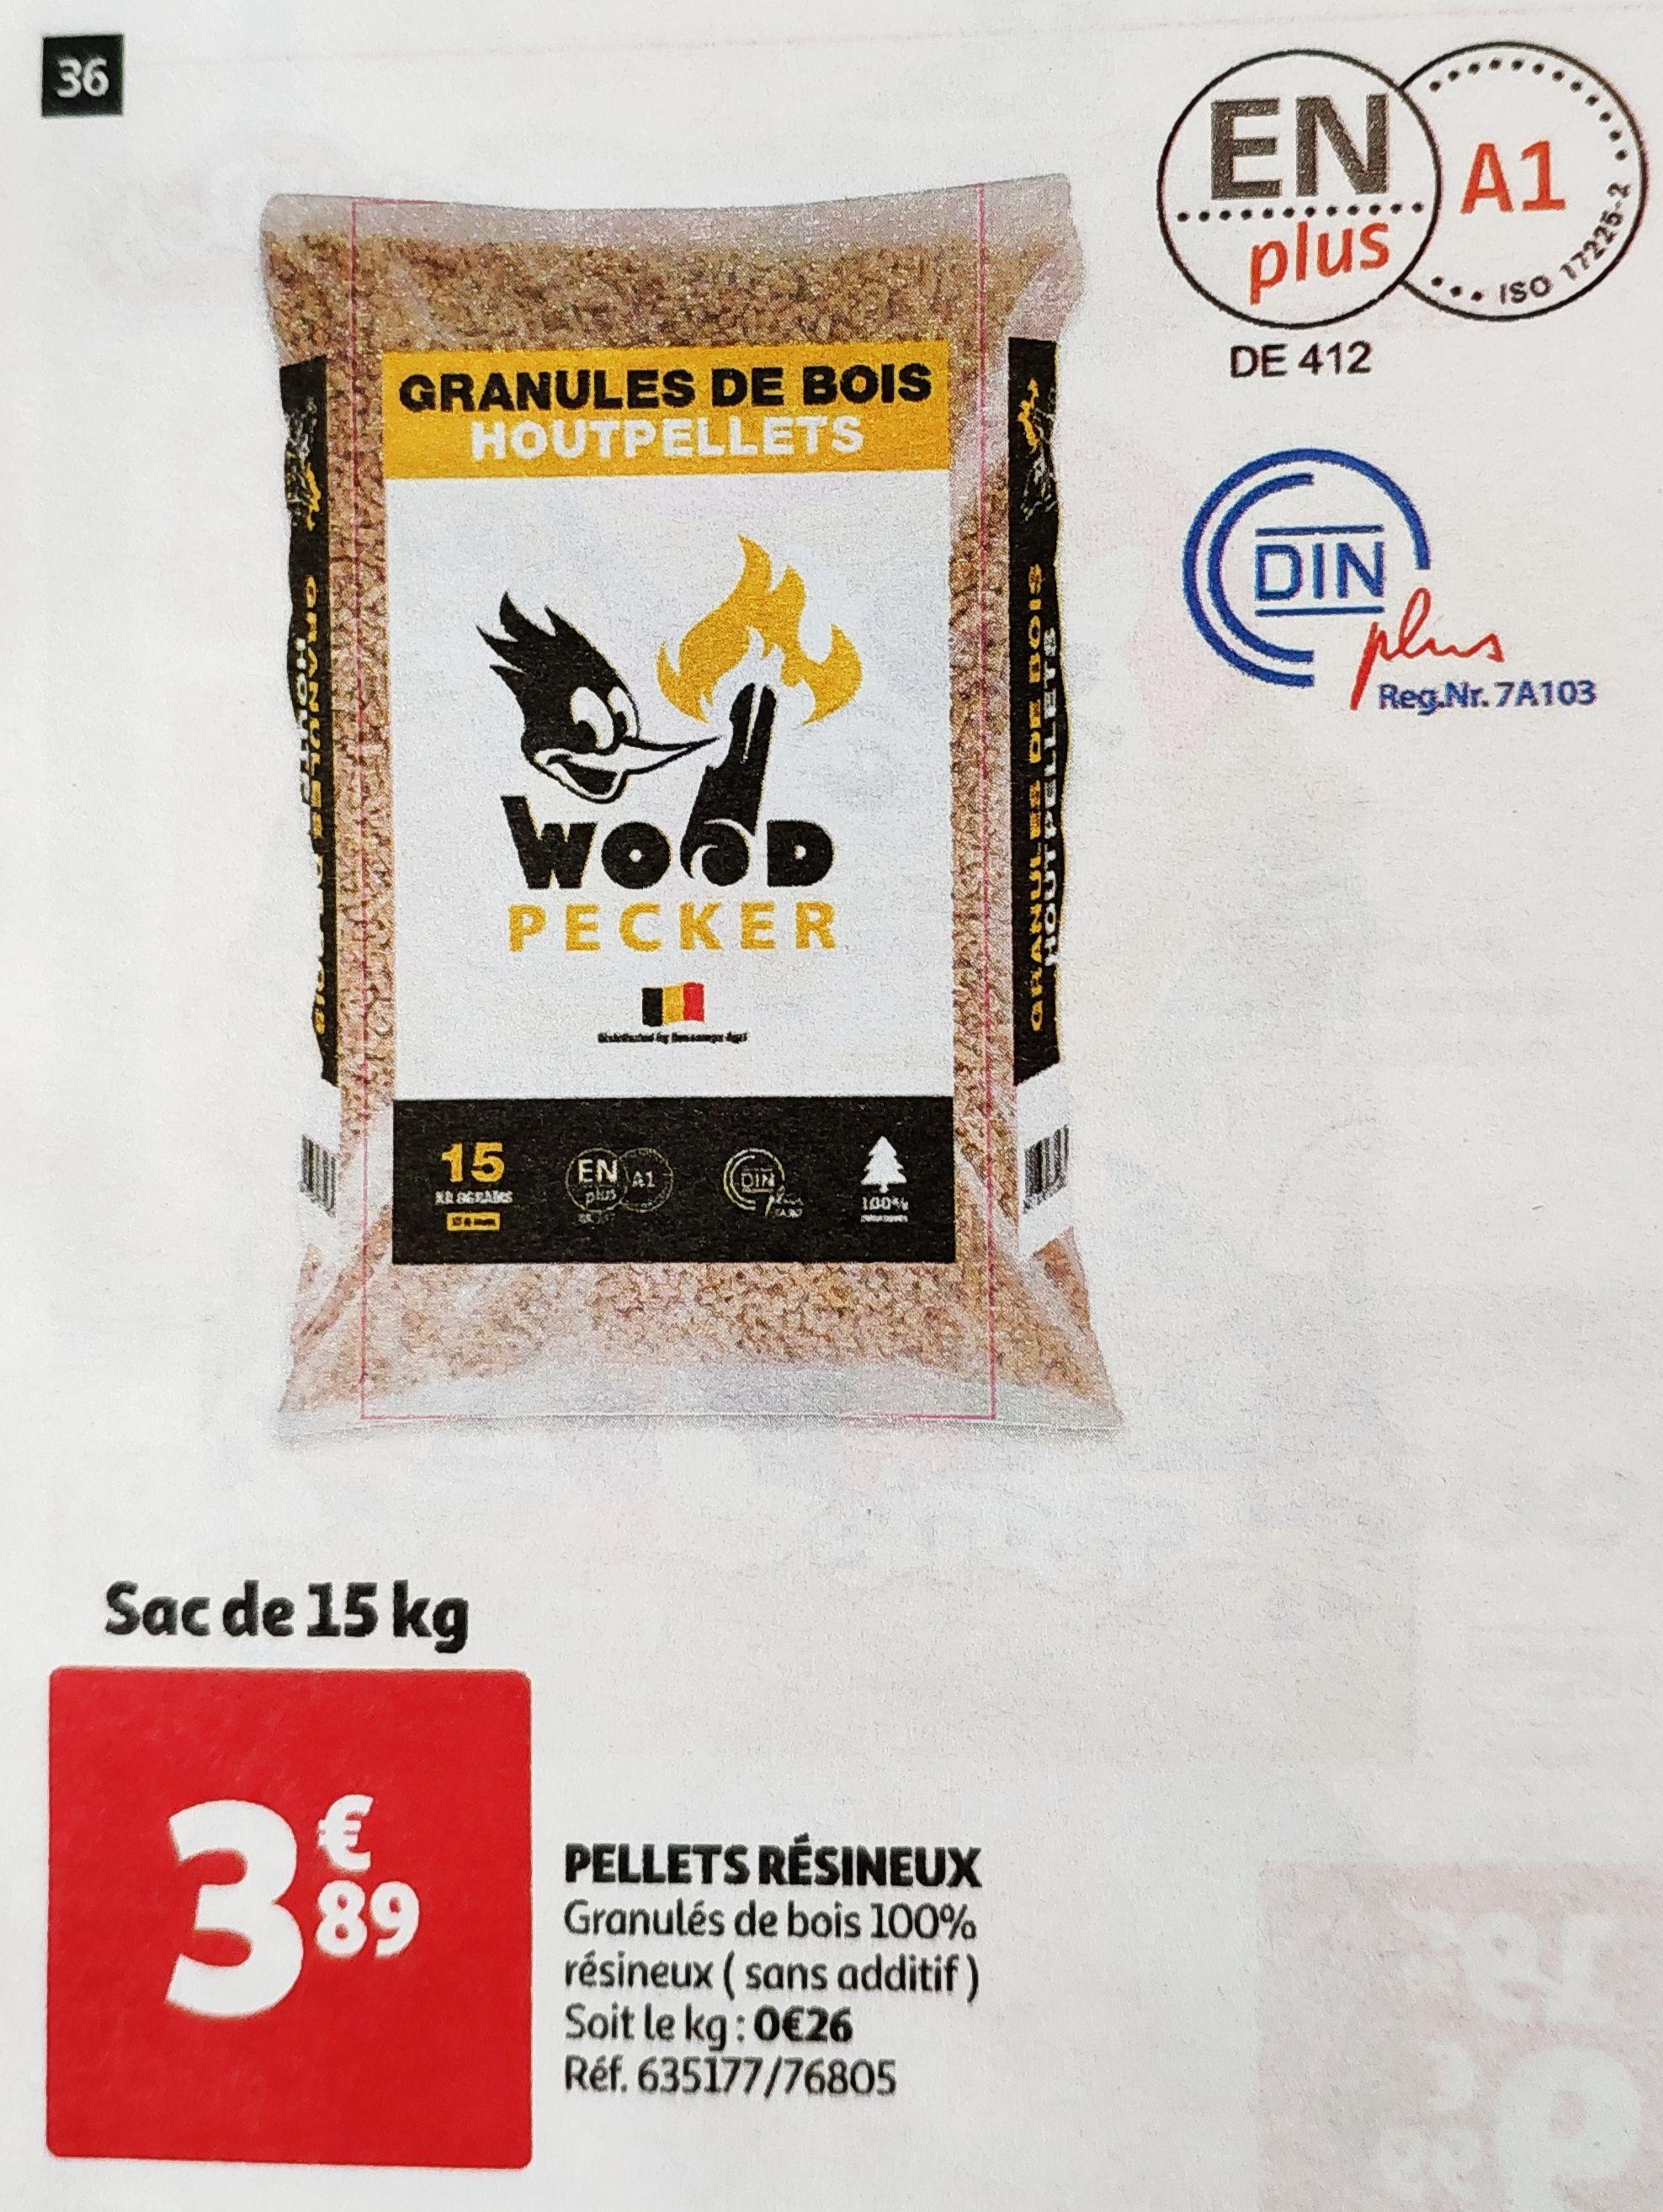 Sac de Granulés de bois pellets Wood Pecker - 15 Kg